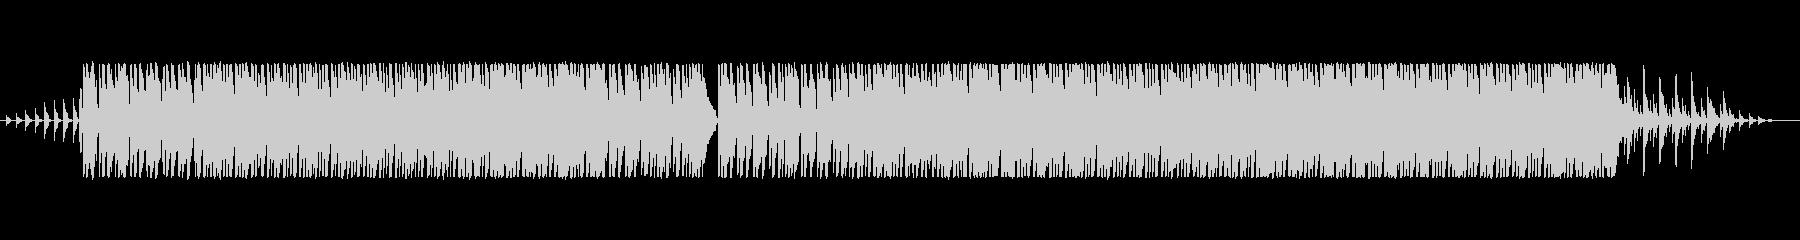 変拍子・ポリリズムのピアノソロの未再生の波形